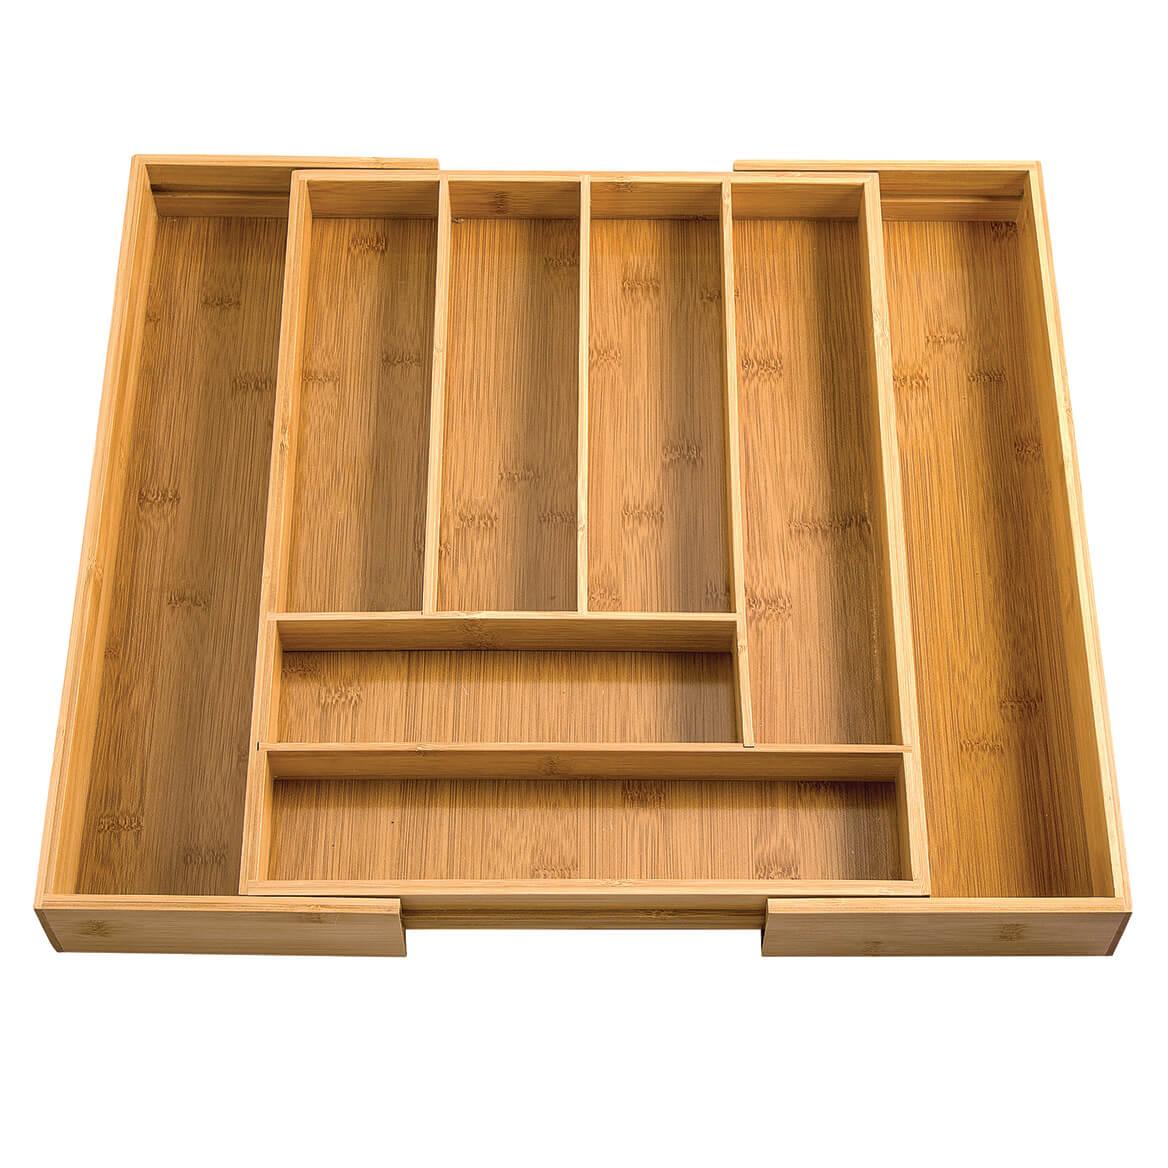 modern apartment decor kitchen, utensil organizer